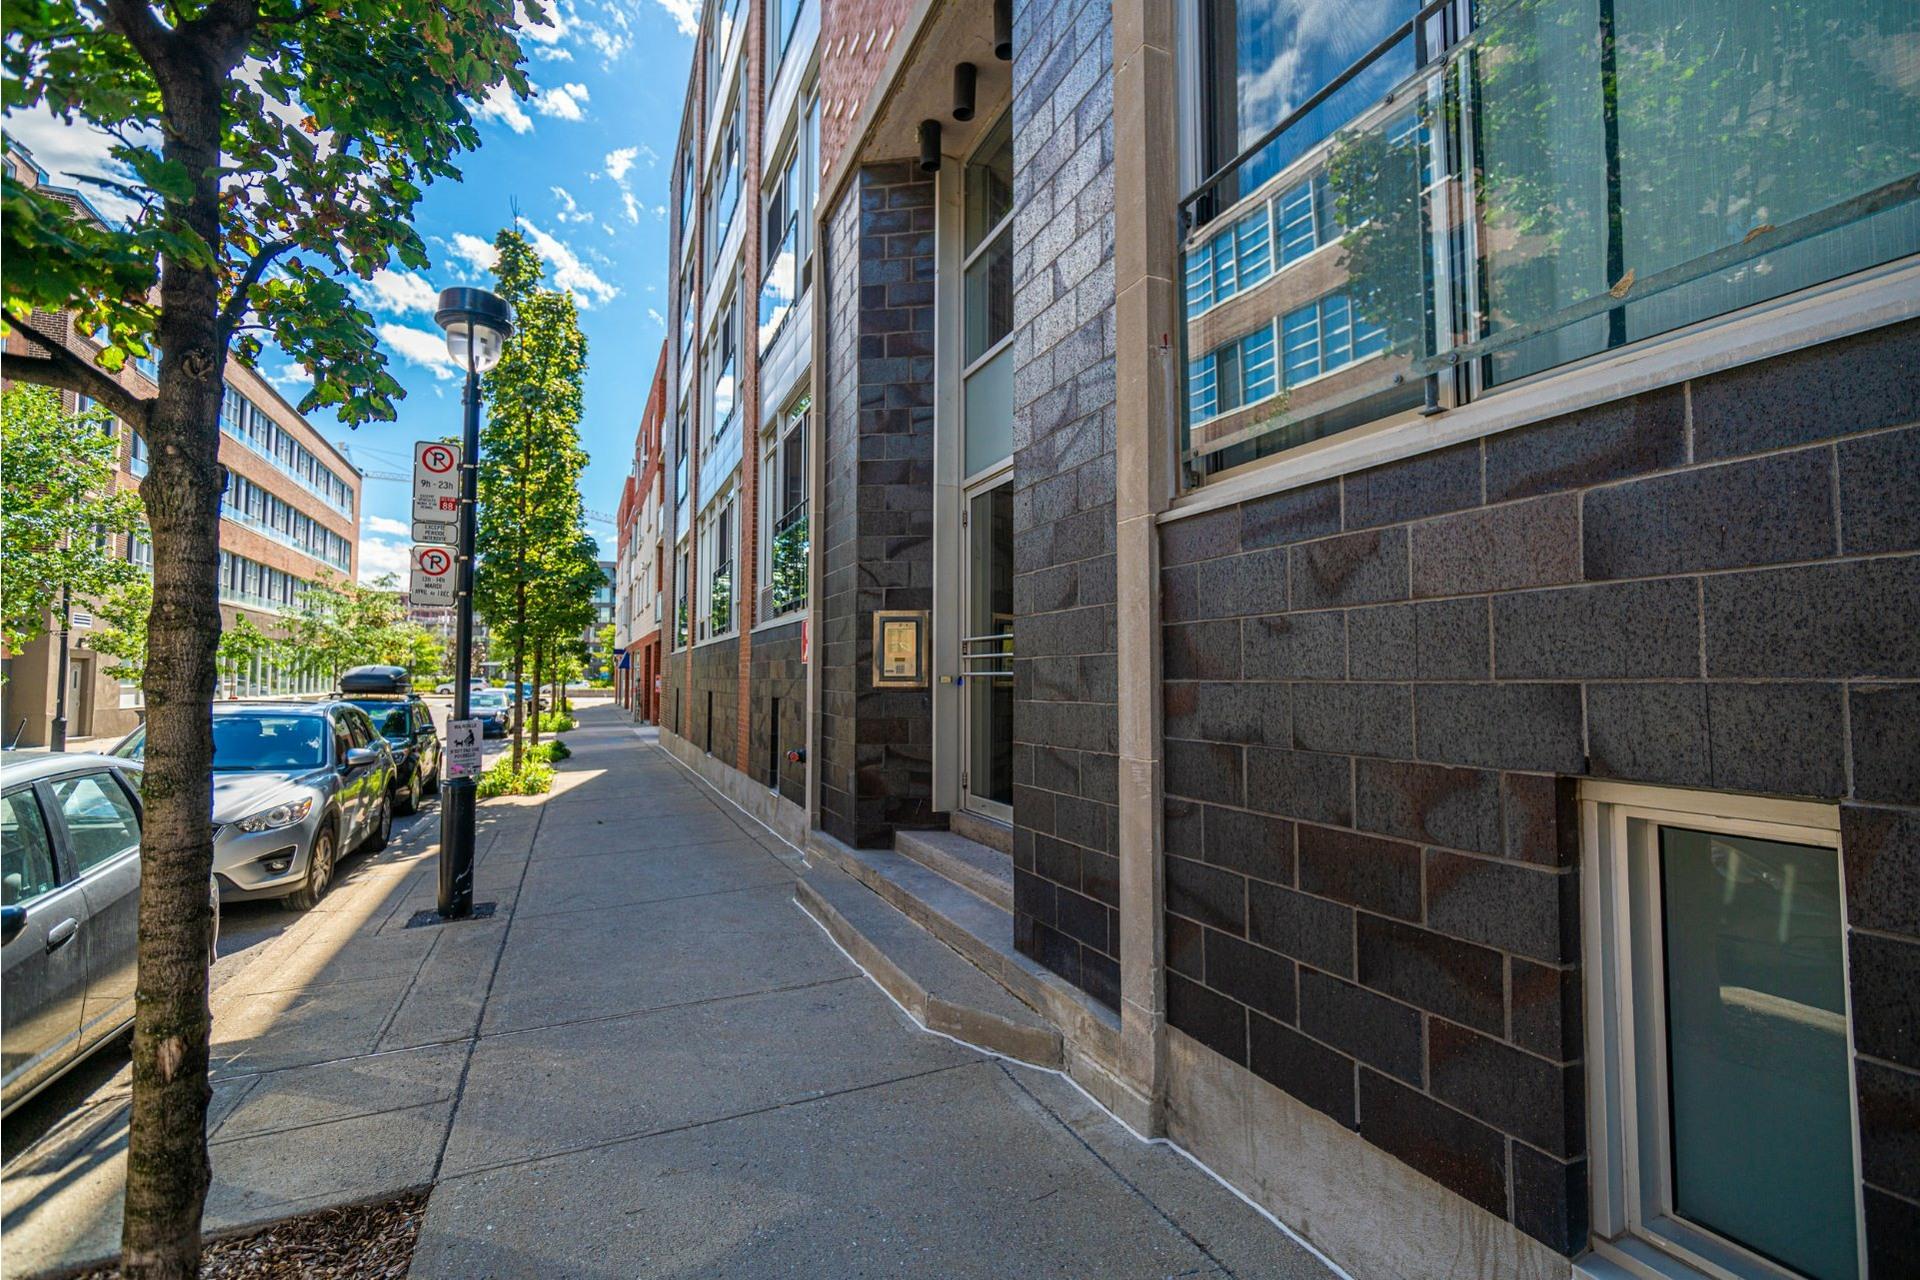 image 4 - Appartement À louer Villeray/Saint-Michel/Parc-Extension Montréal  - 8 pièces